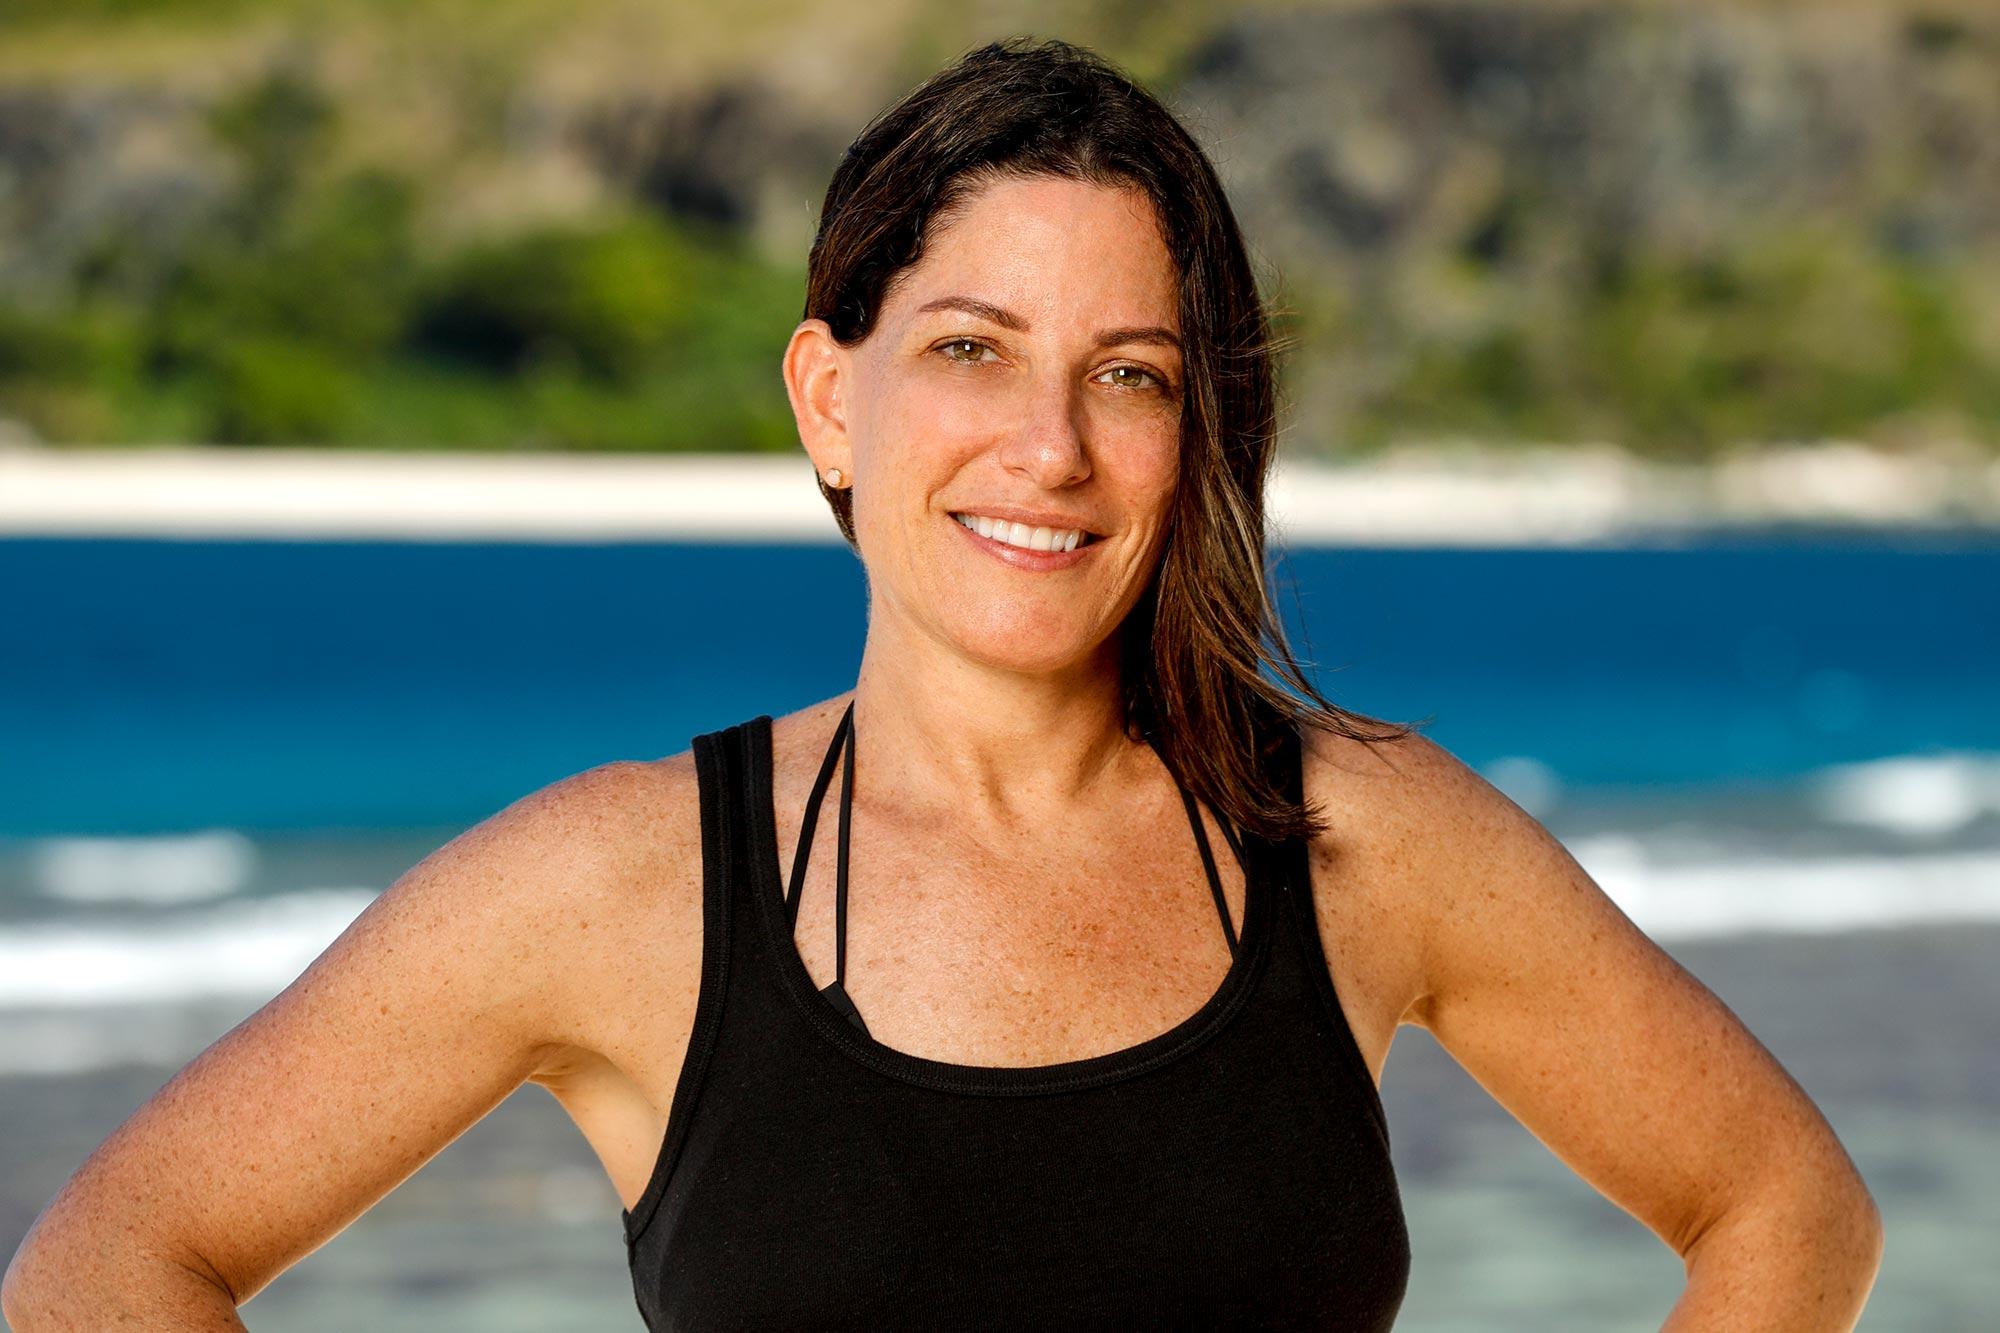 Julie Rosenberg (Survivor: Edge of Extinction – season 36)